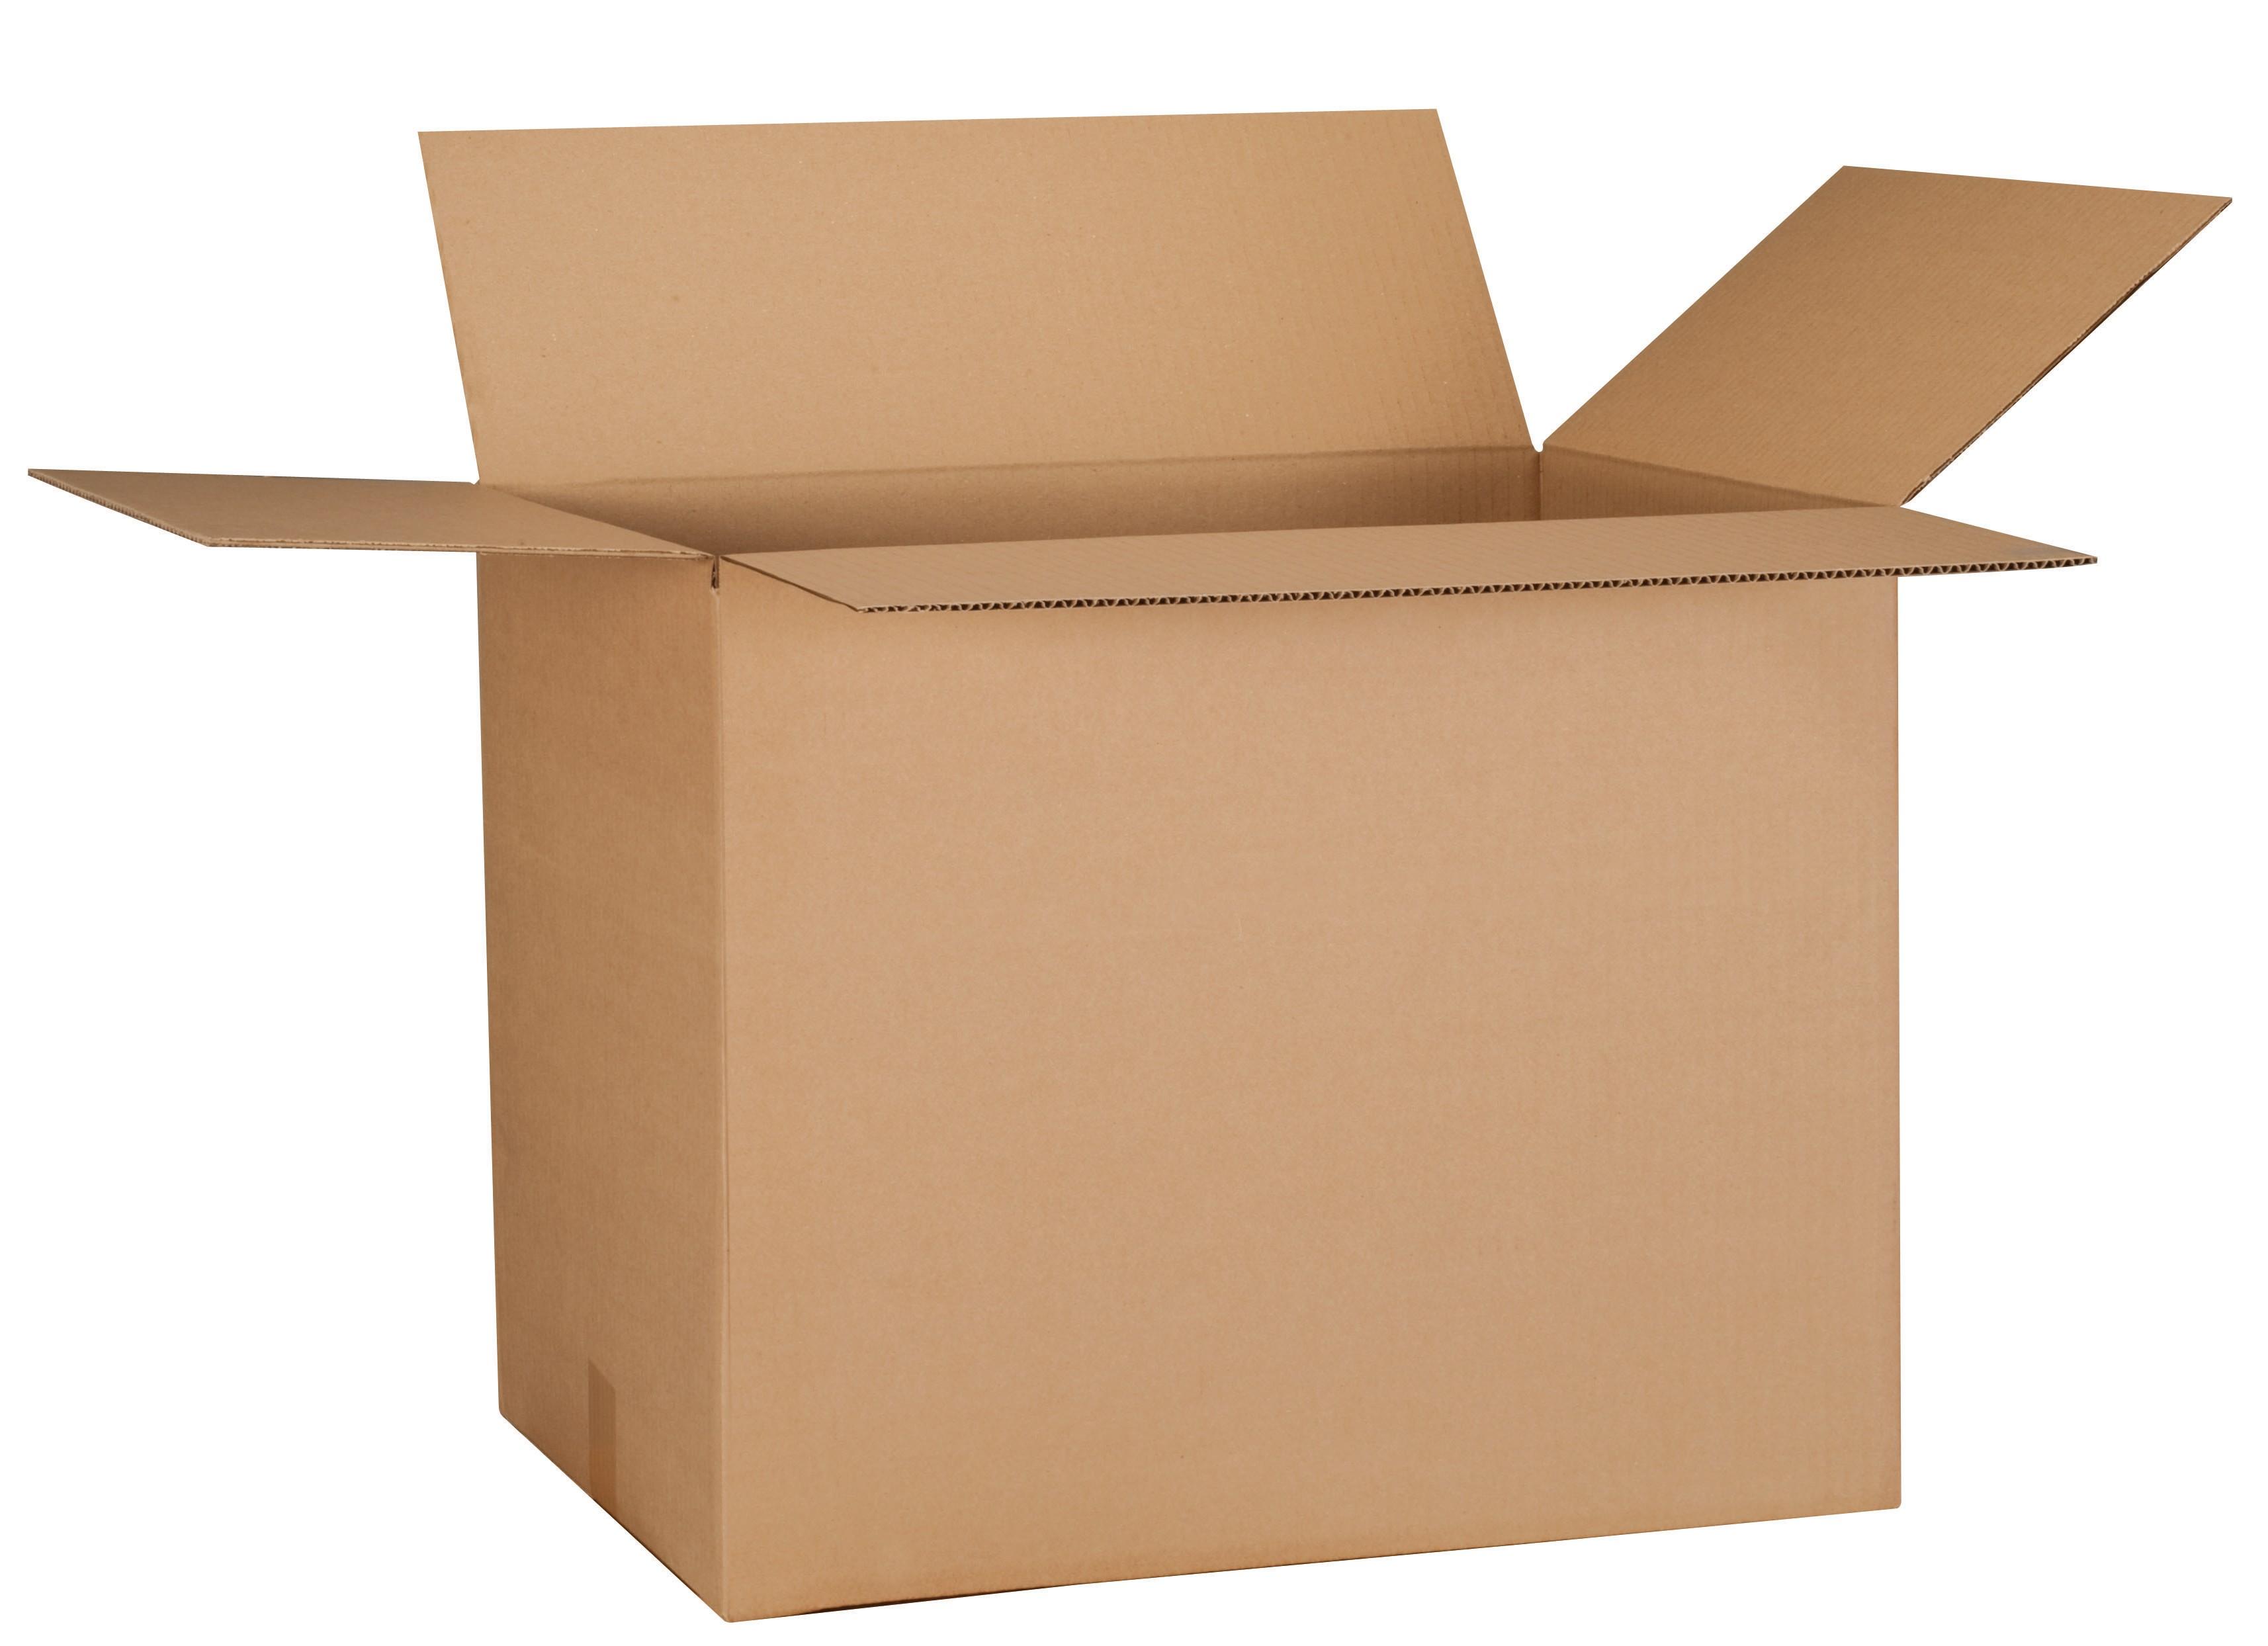 Carton Plus - Carton déménagement - 41 cm x 31 cm x 24 cm - double cannelure